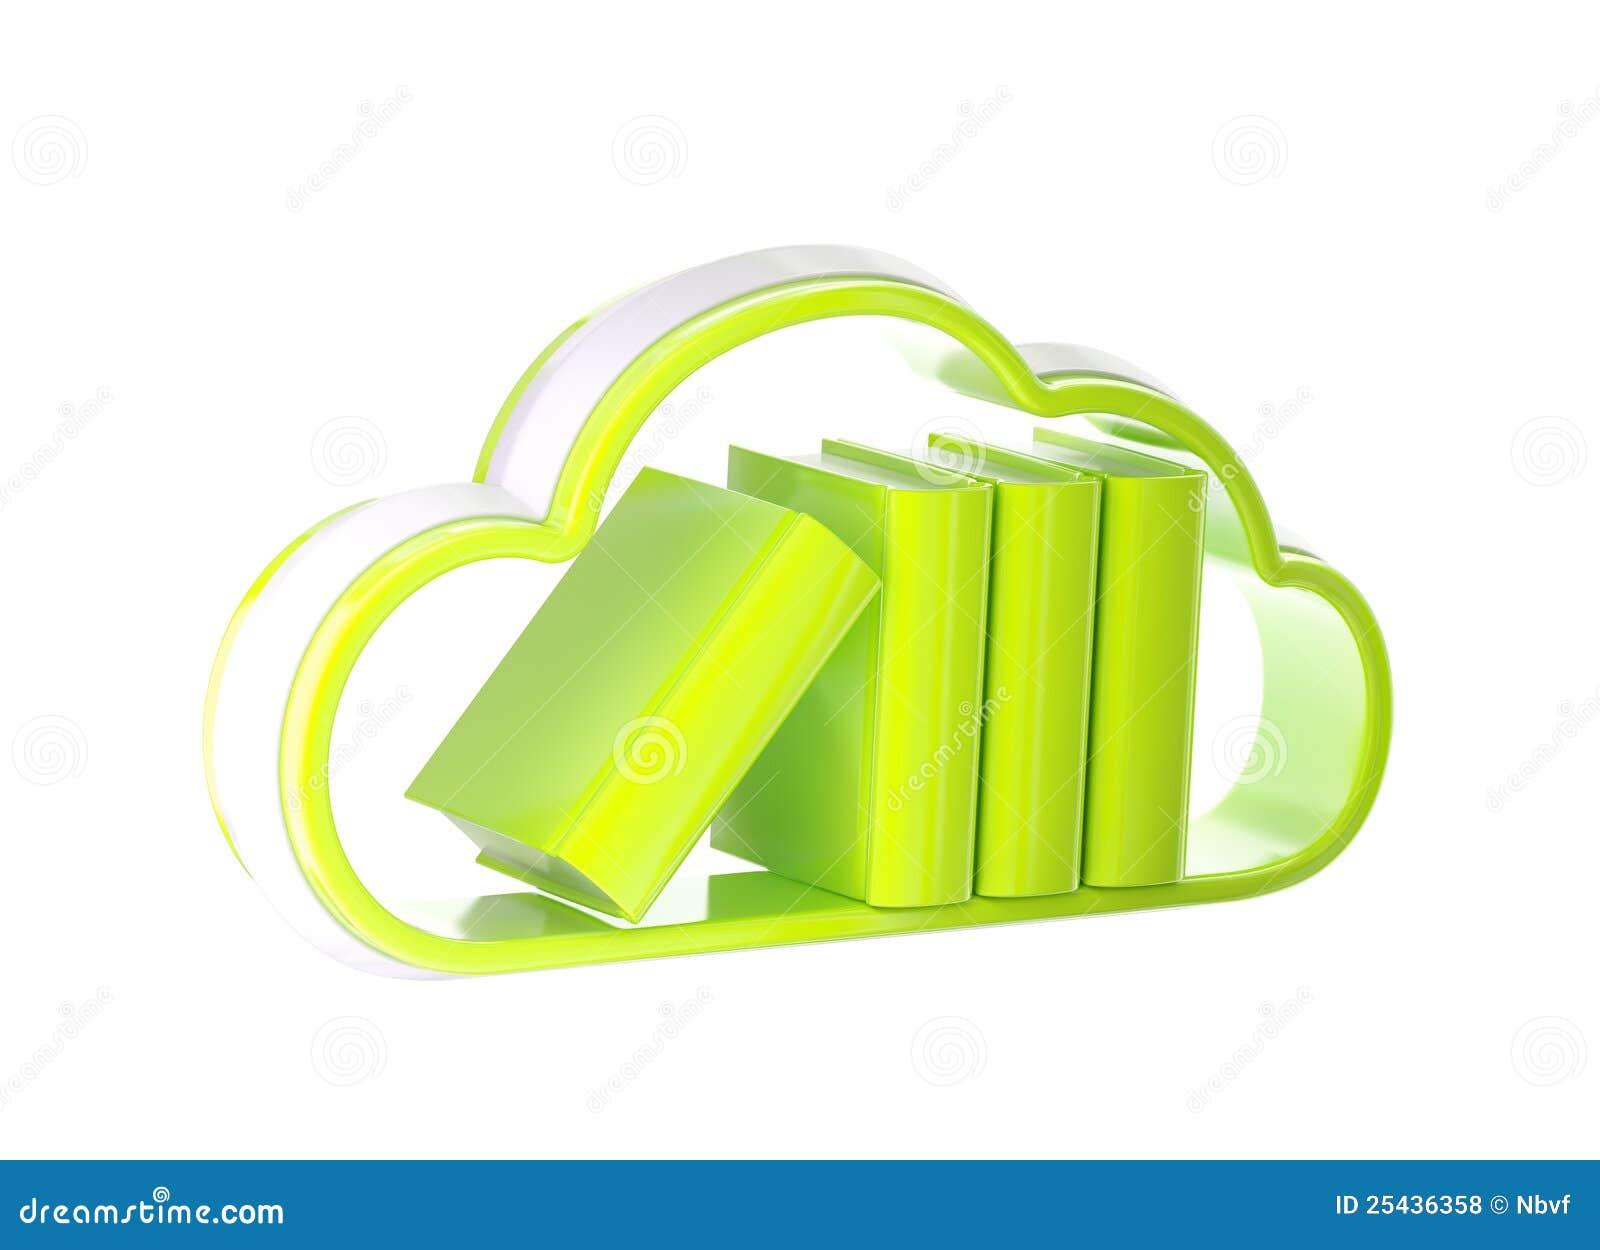 Cloud Technology Database Icon Isolated Stock Illustration